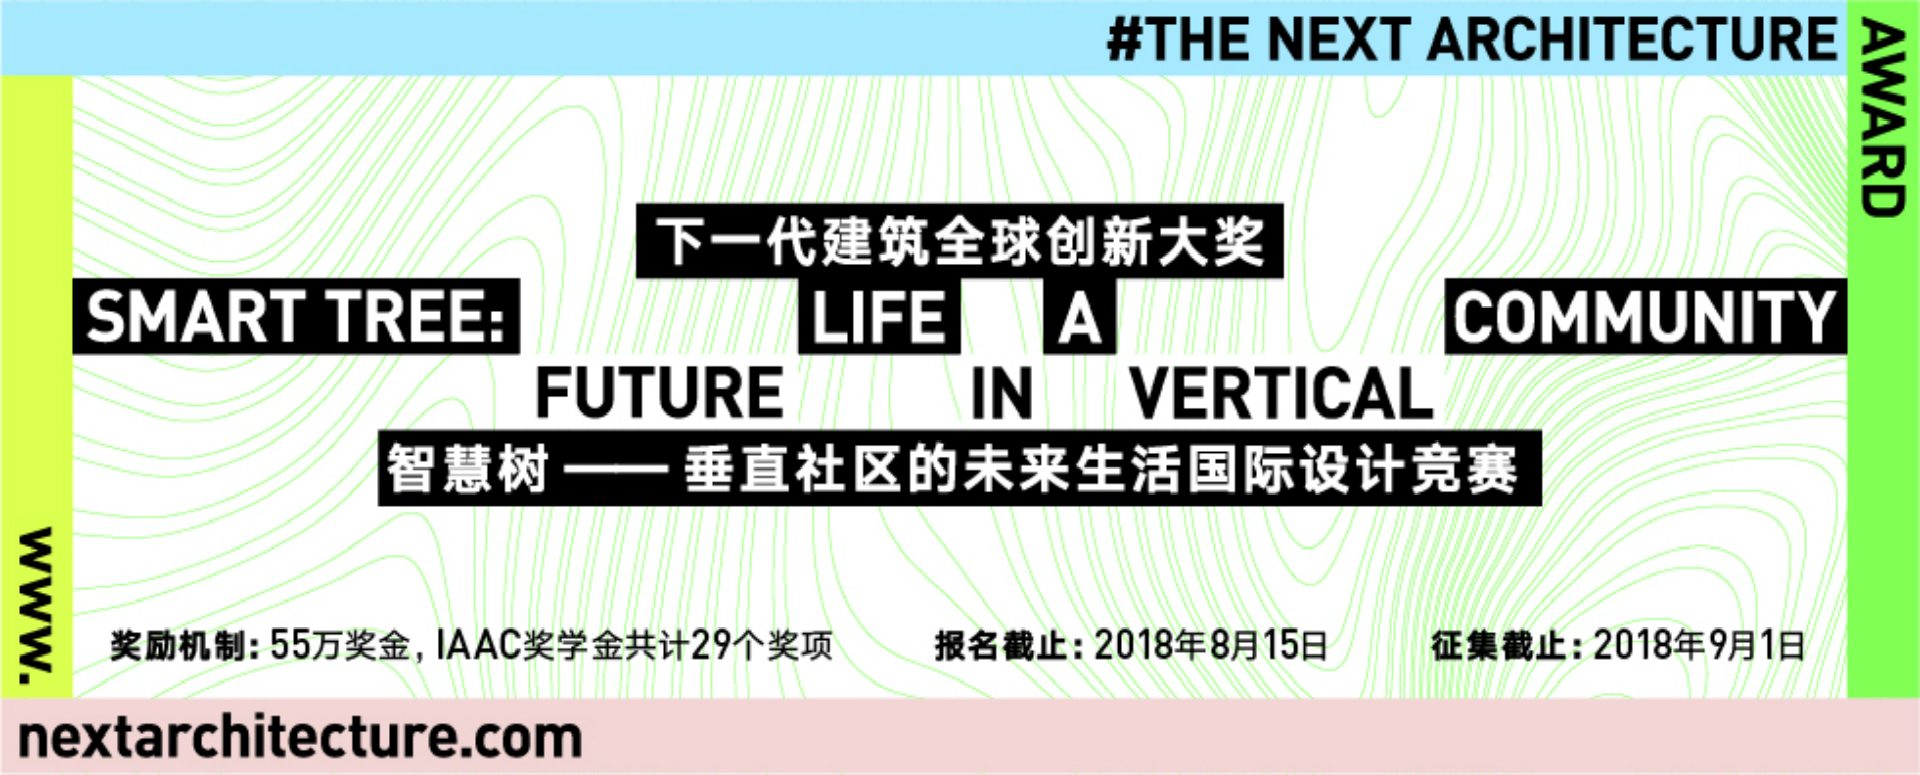 """下一代建筑""""智慧树——垂直社区的未来生活""""国际设计竞赛"""